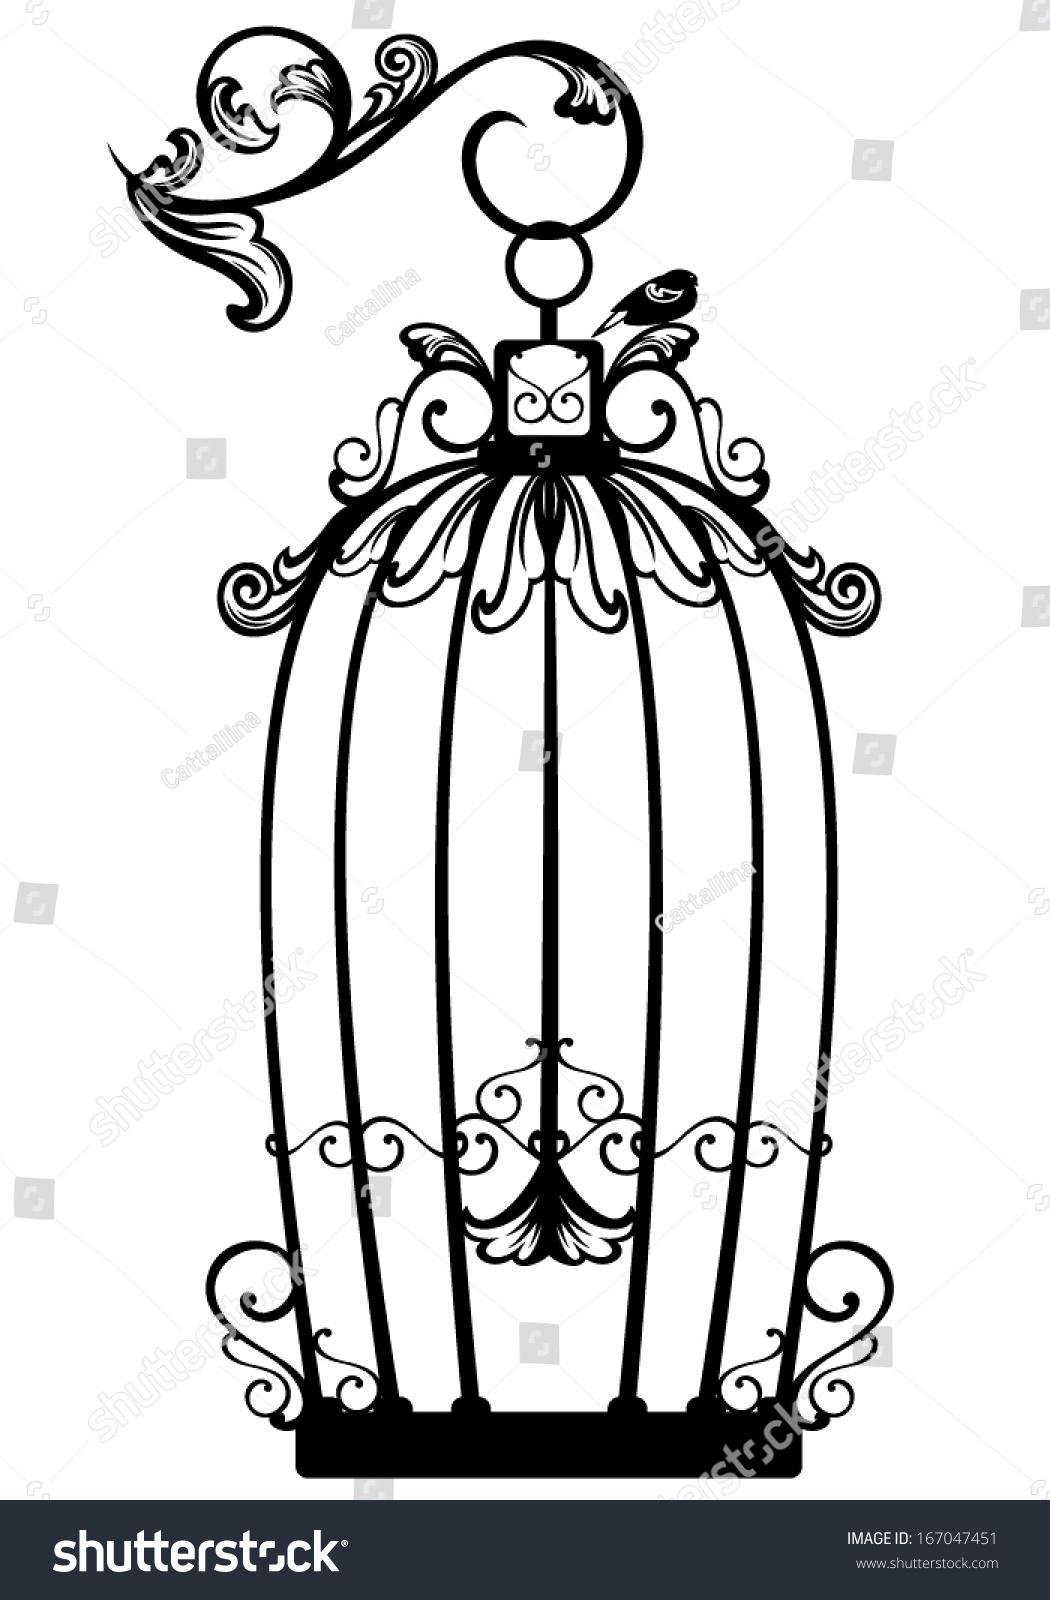 vintage looking open birdcage free bird stock vector 167047451 rh shutterstock com